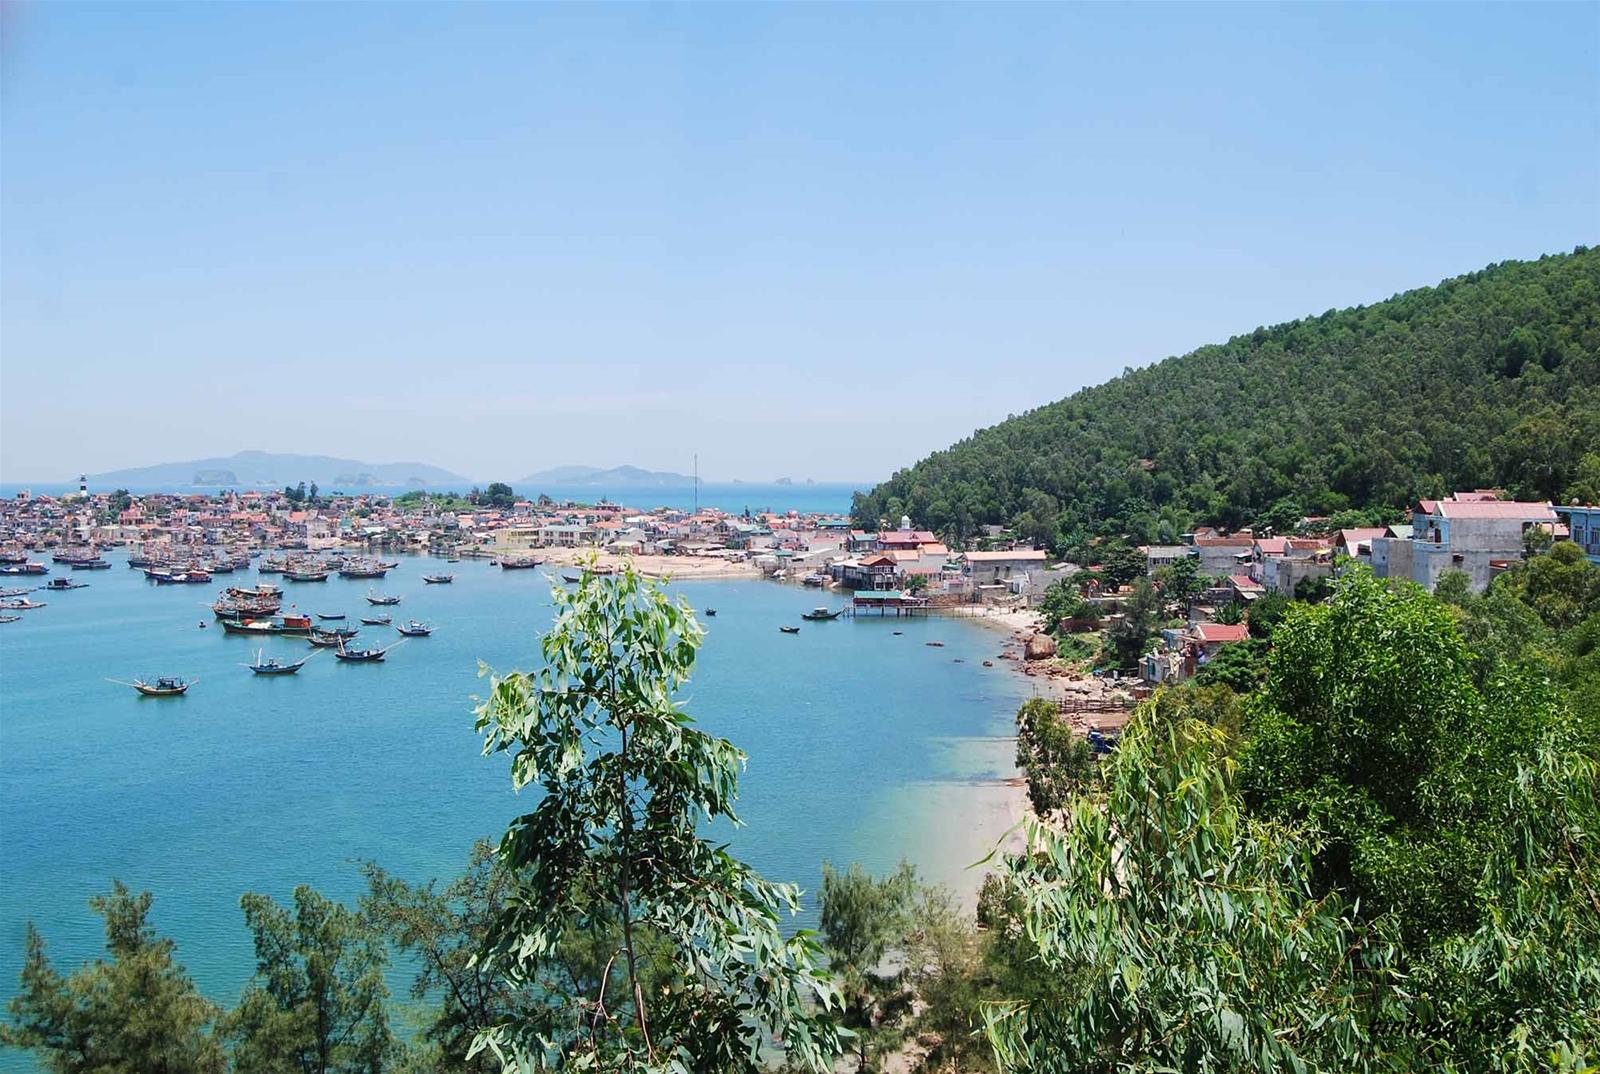 Thanh Hóa điều chỉnh tiến độ dự án khu nghỉ dưỡng Đảo Ngọc hơn 1.600 tỷ đồng - Ảnh 1.